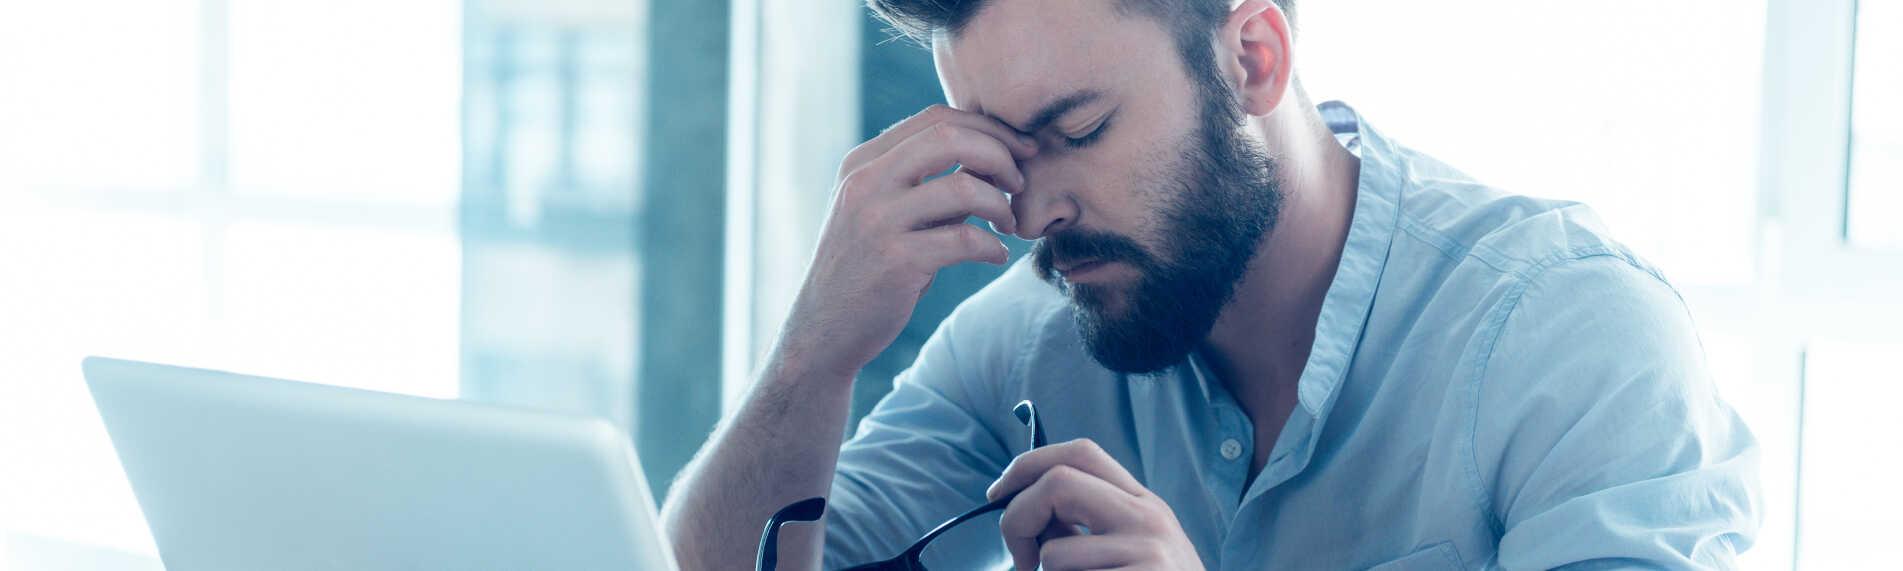 Ta inomhusklimattestet: Är din arbetsmiljö tillräckligt bra?